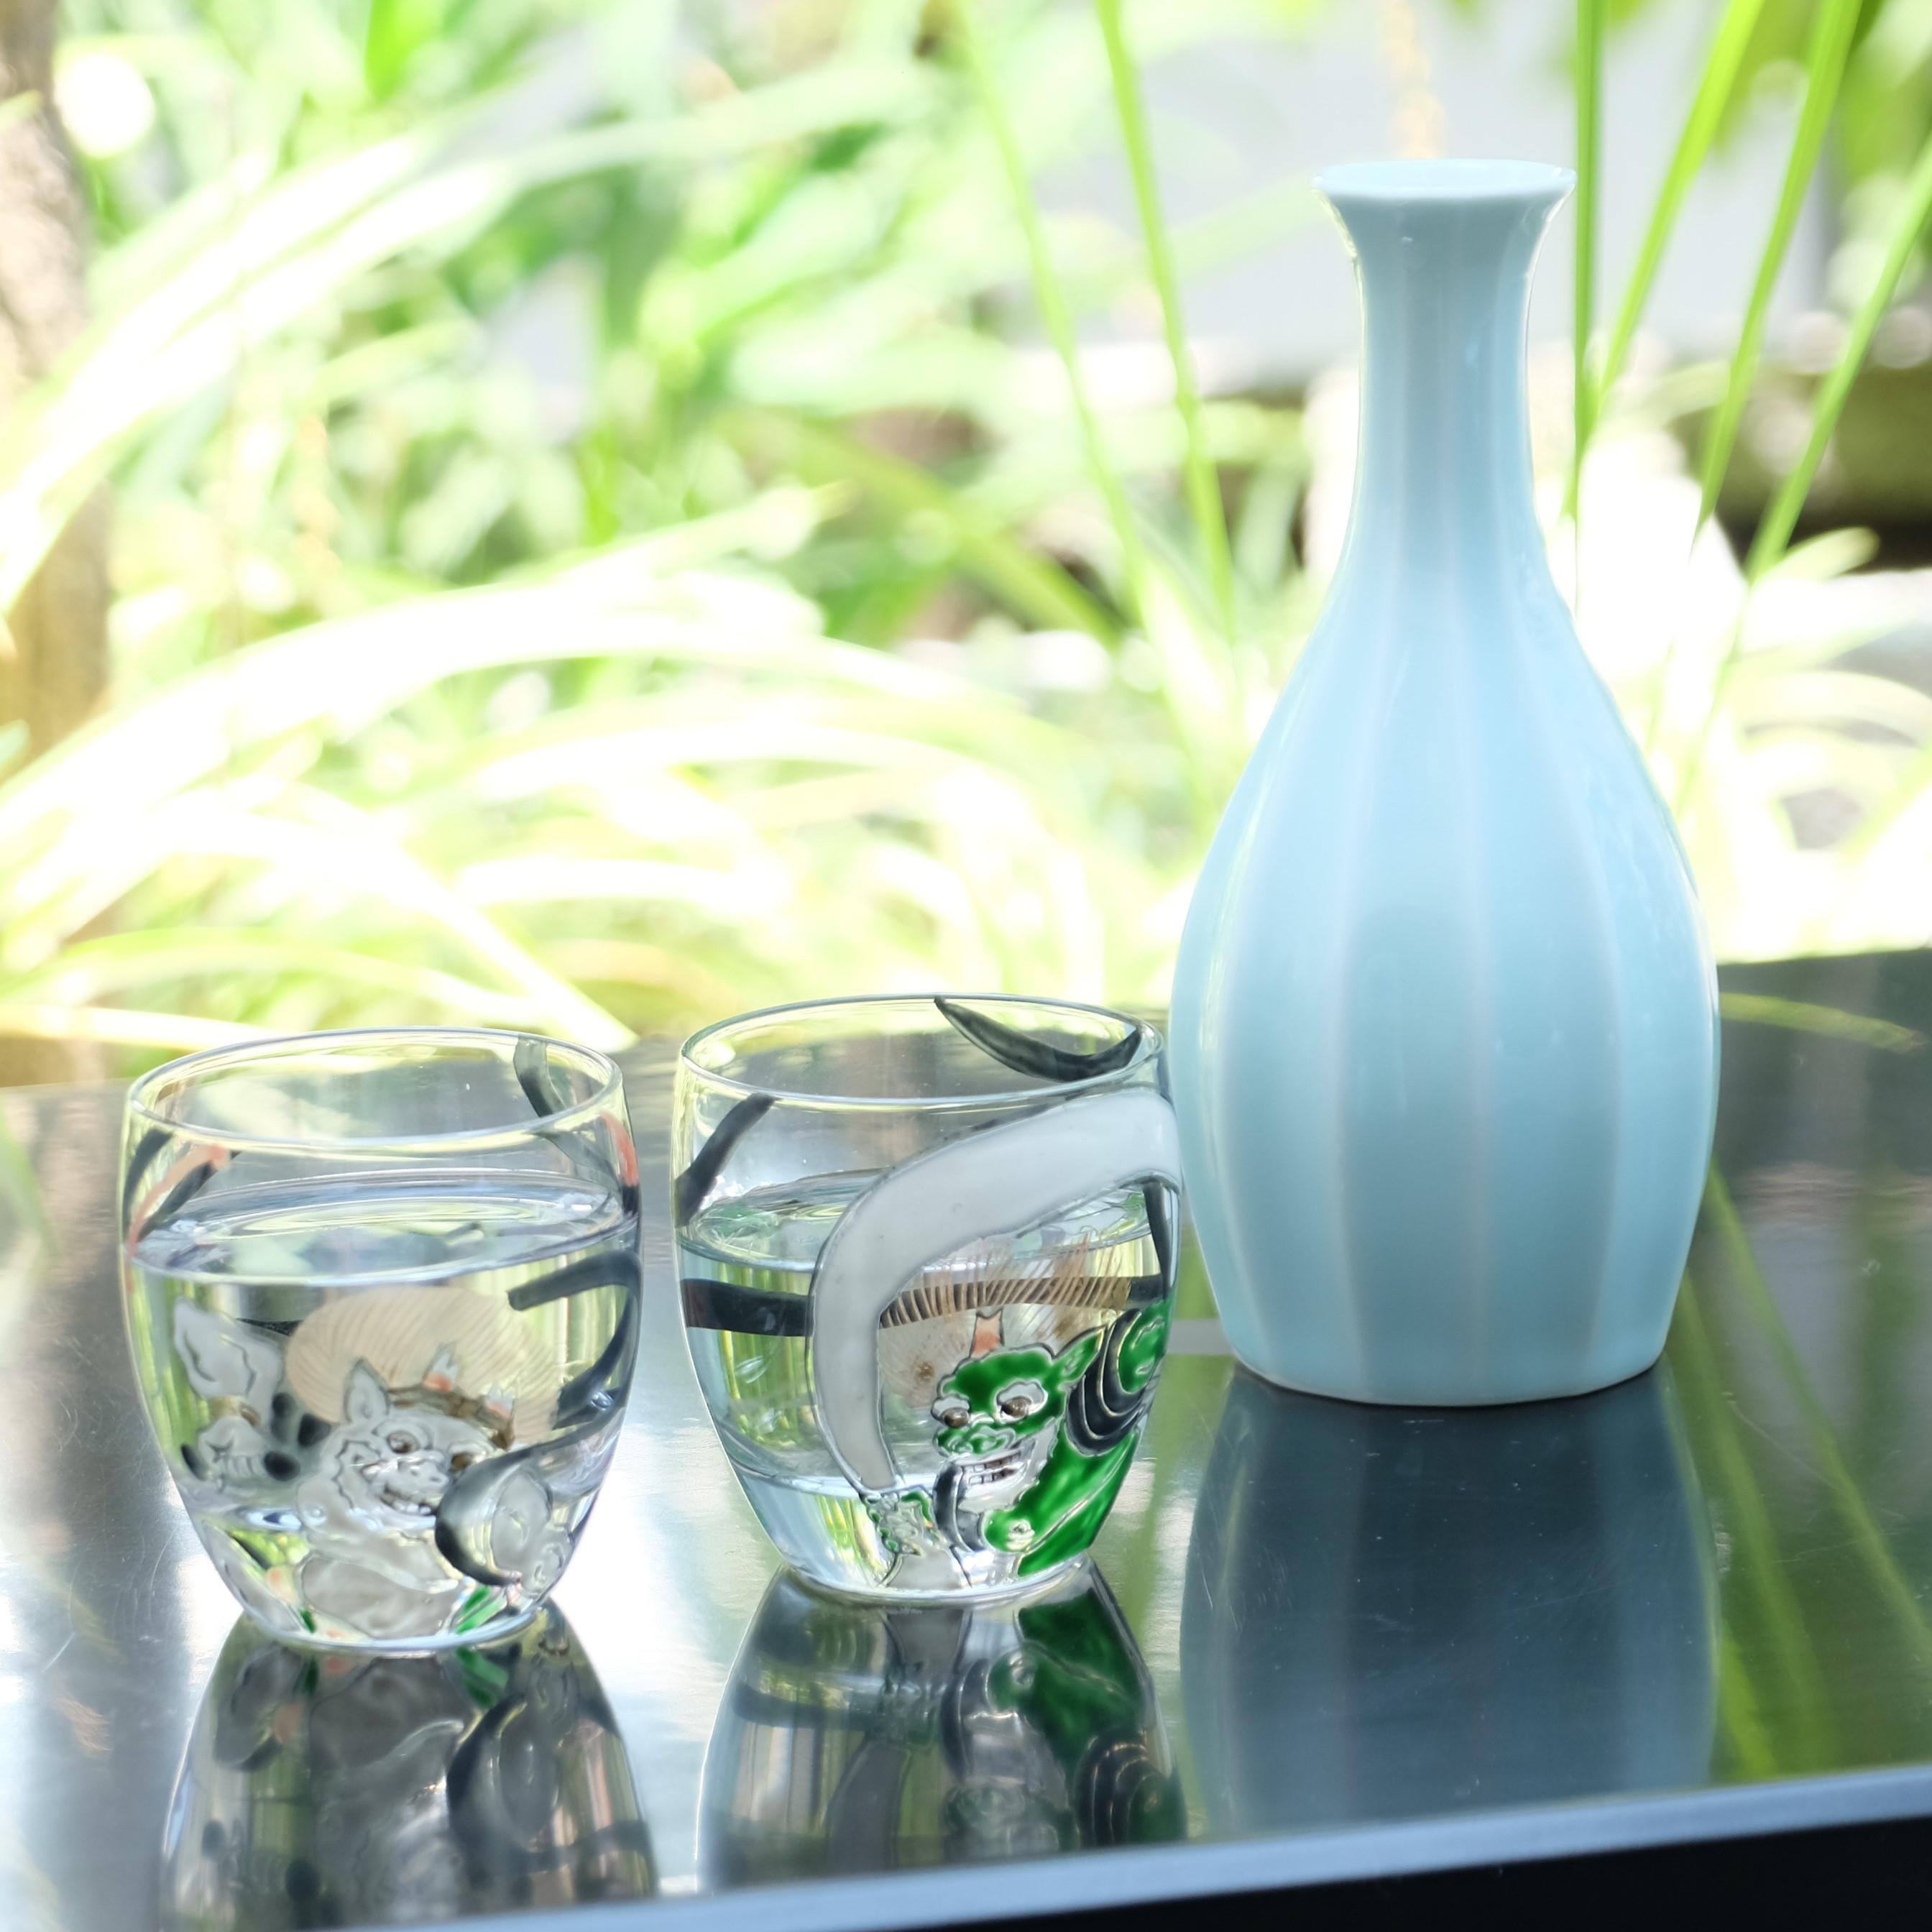 乾杯のお飲み物付きプランは、当店自慢の豊富なお飲み物メニューからお選び下さい